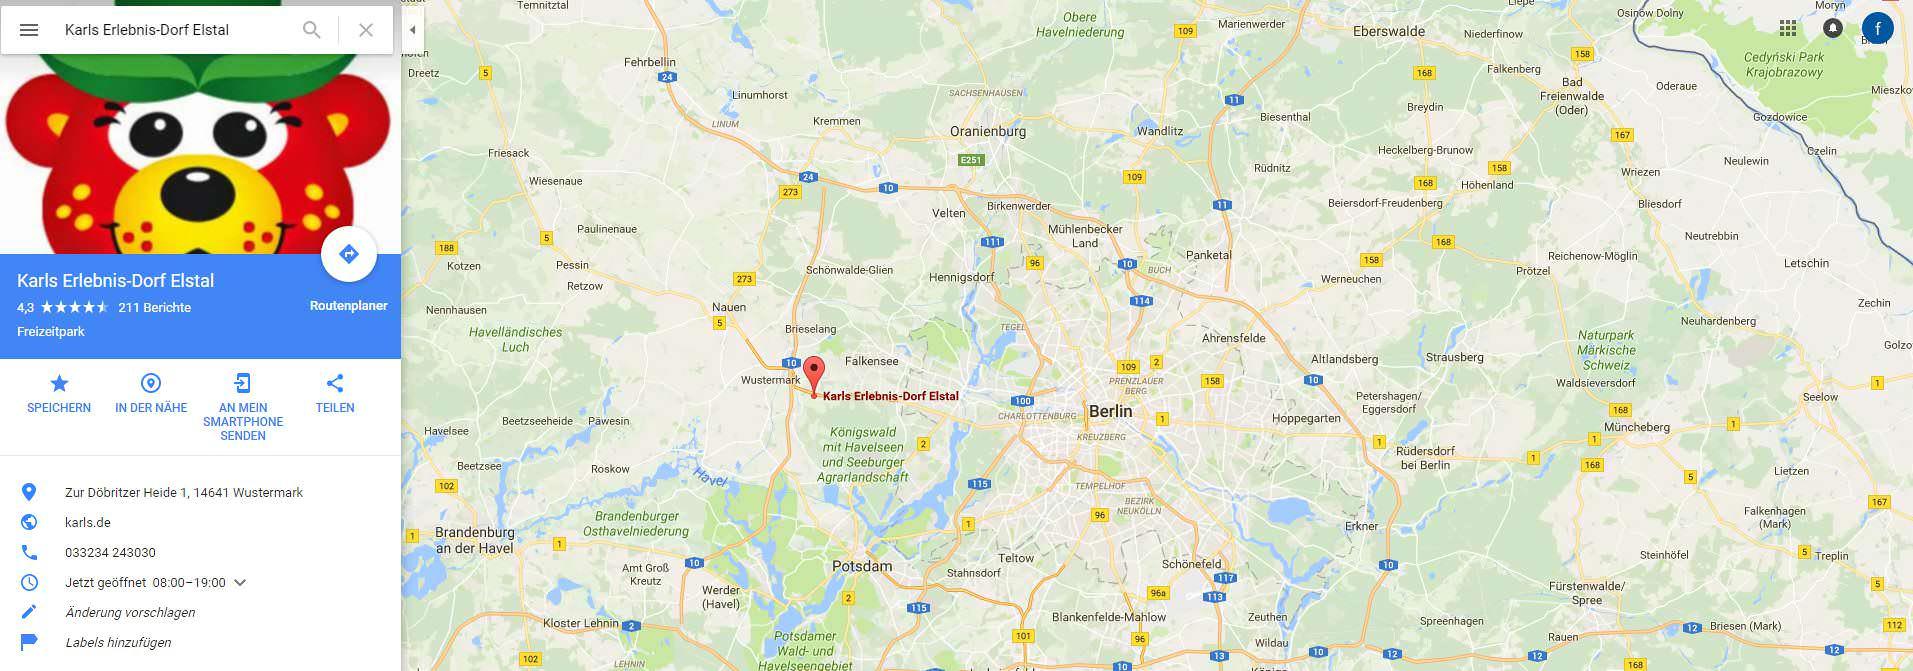 Karls Erdbeerhof Berlin Karte